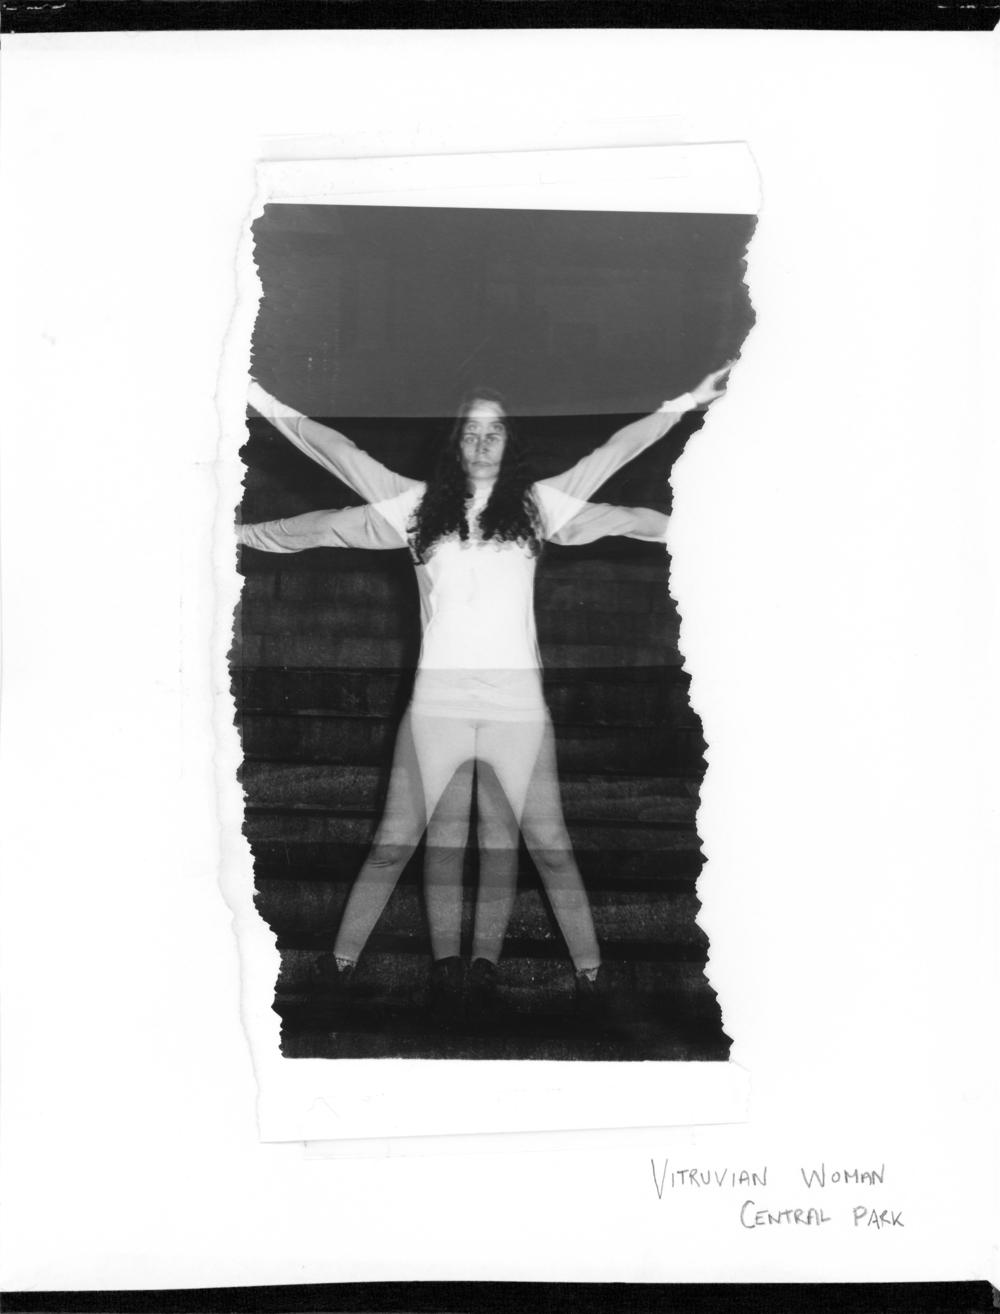 Vitruvianwoman.jpg